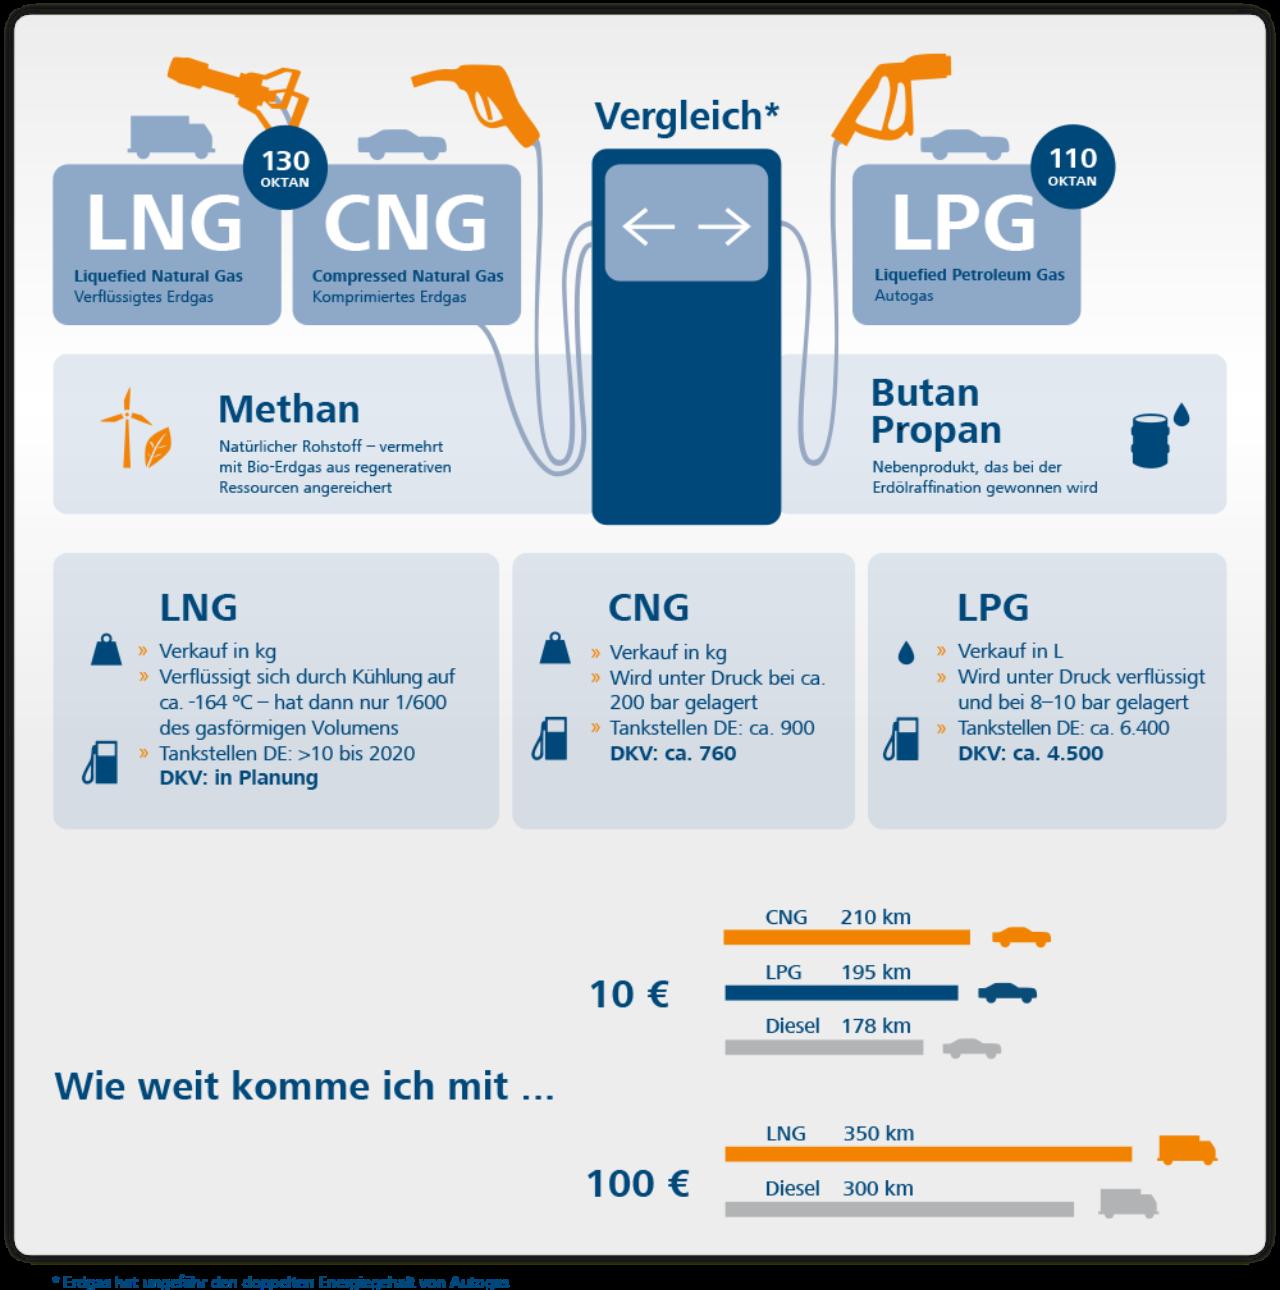 Lng Cn Lpg Wasserstoff Tankstellen In Ganz Europa Dkv Euro